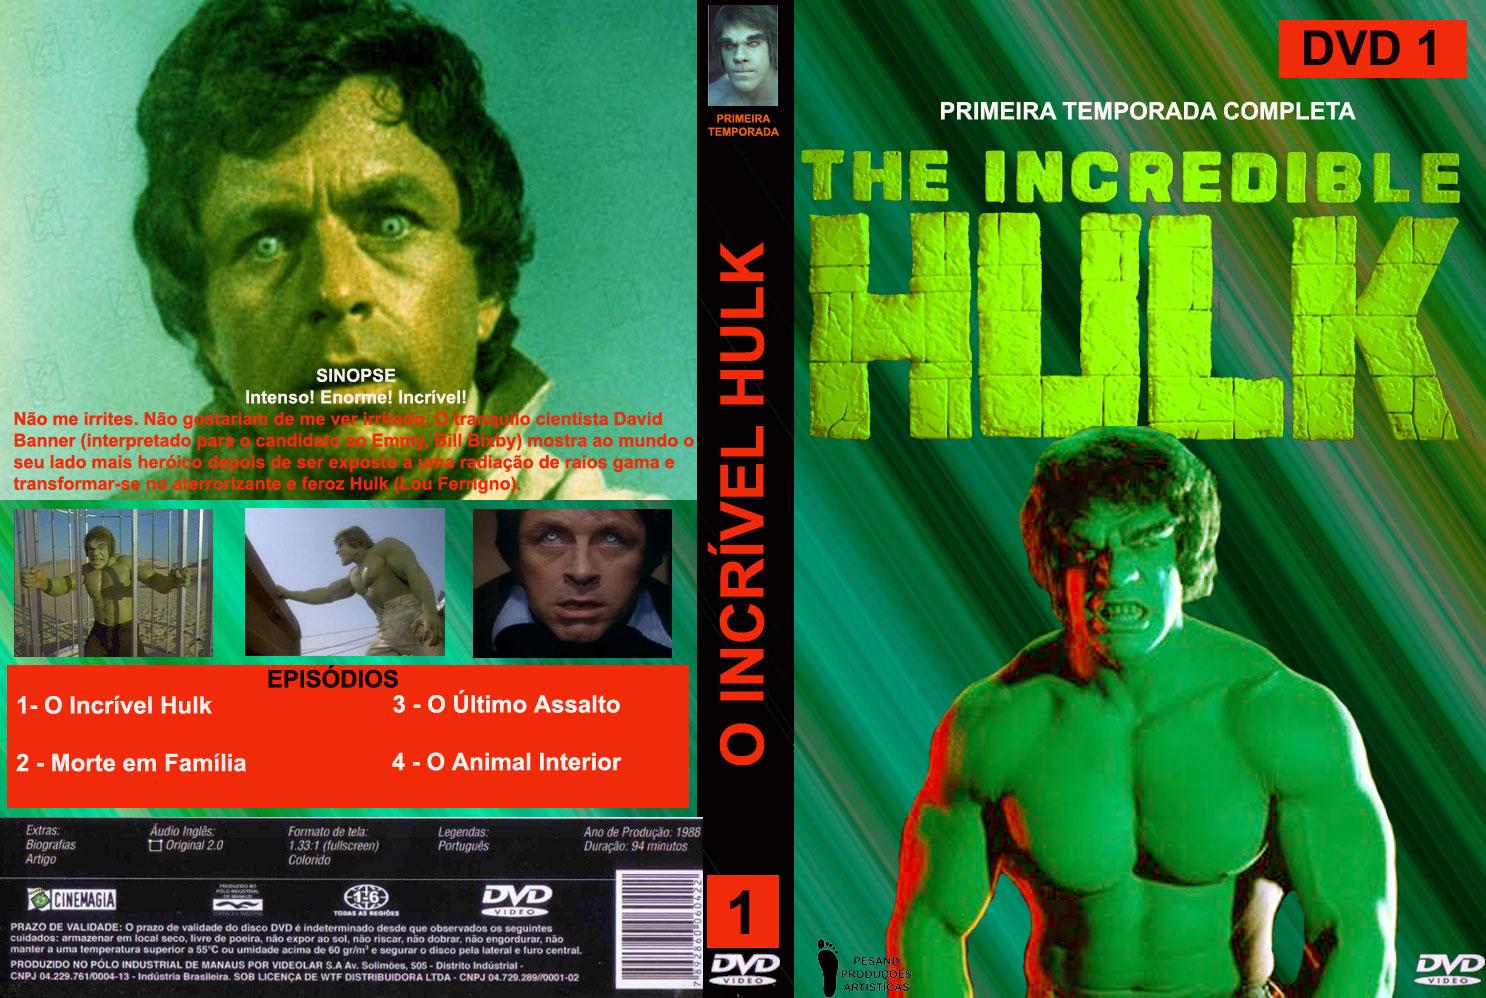 Incrivel Hulck Awesome capas em sÉrie: capas dvd o incrÍvel hulk